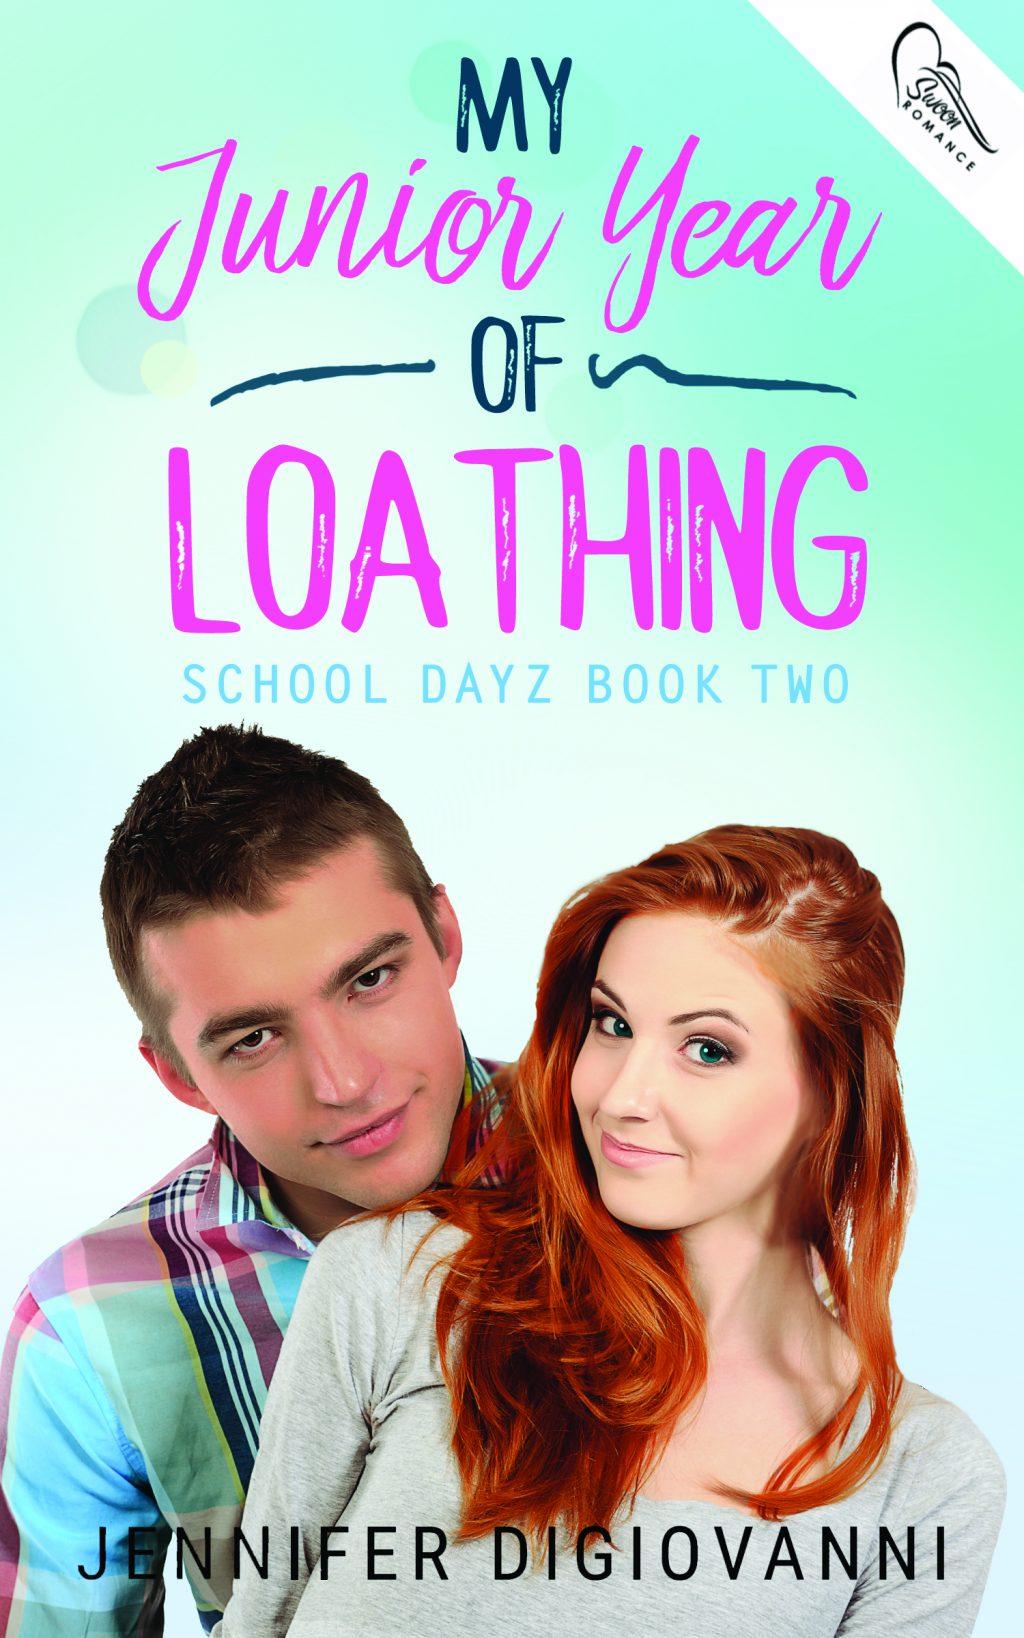 My Junior Year of Loathing by Jennifer DiGiovanni